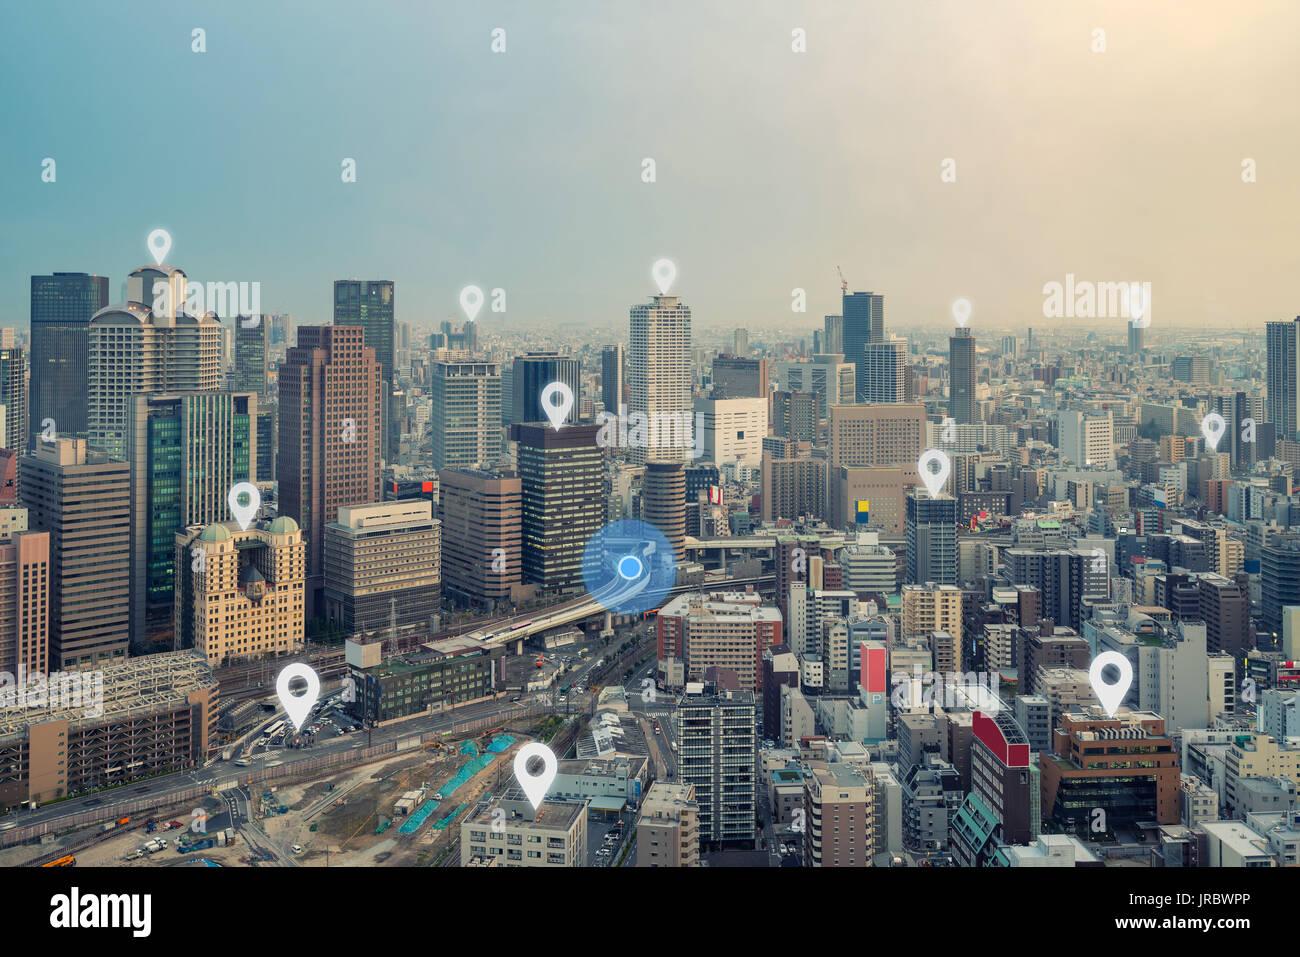 Suche nach Standort auf Karte und Pin oben Osaka City und Network Connection, Internet der Dinge, Satellitennavigationssystem Konzept Stockbild